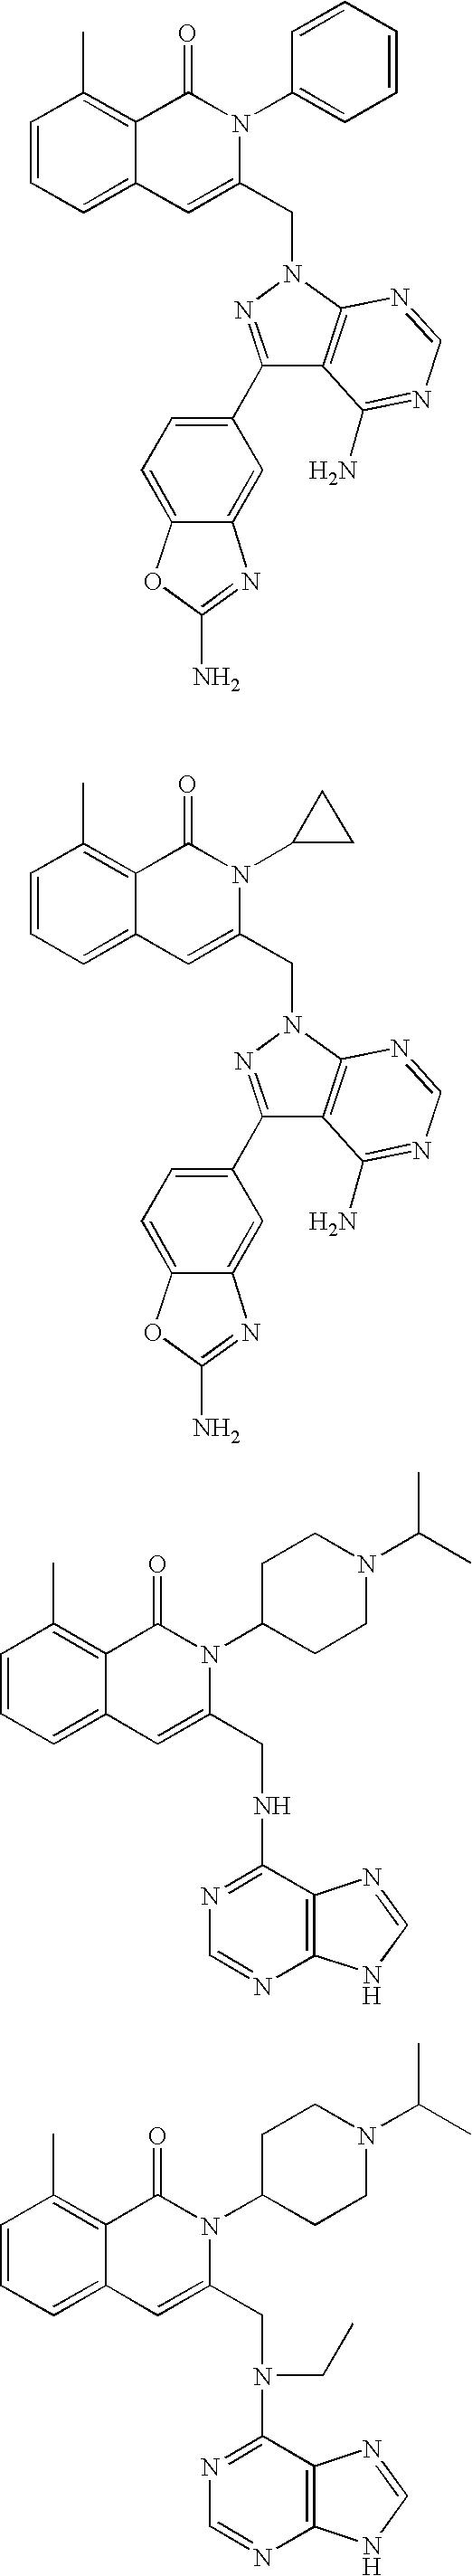 Figure US20090312319A1-20091217-C00275